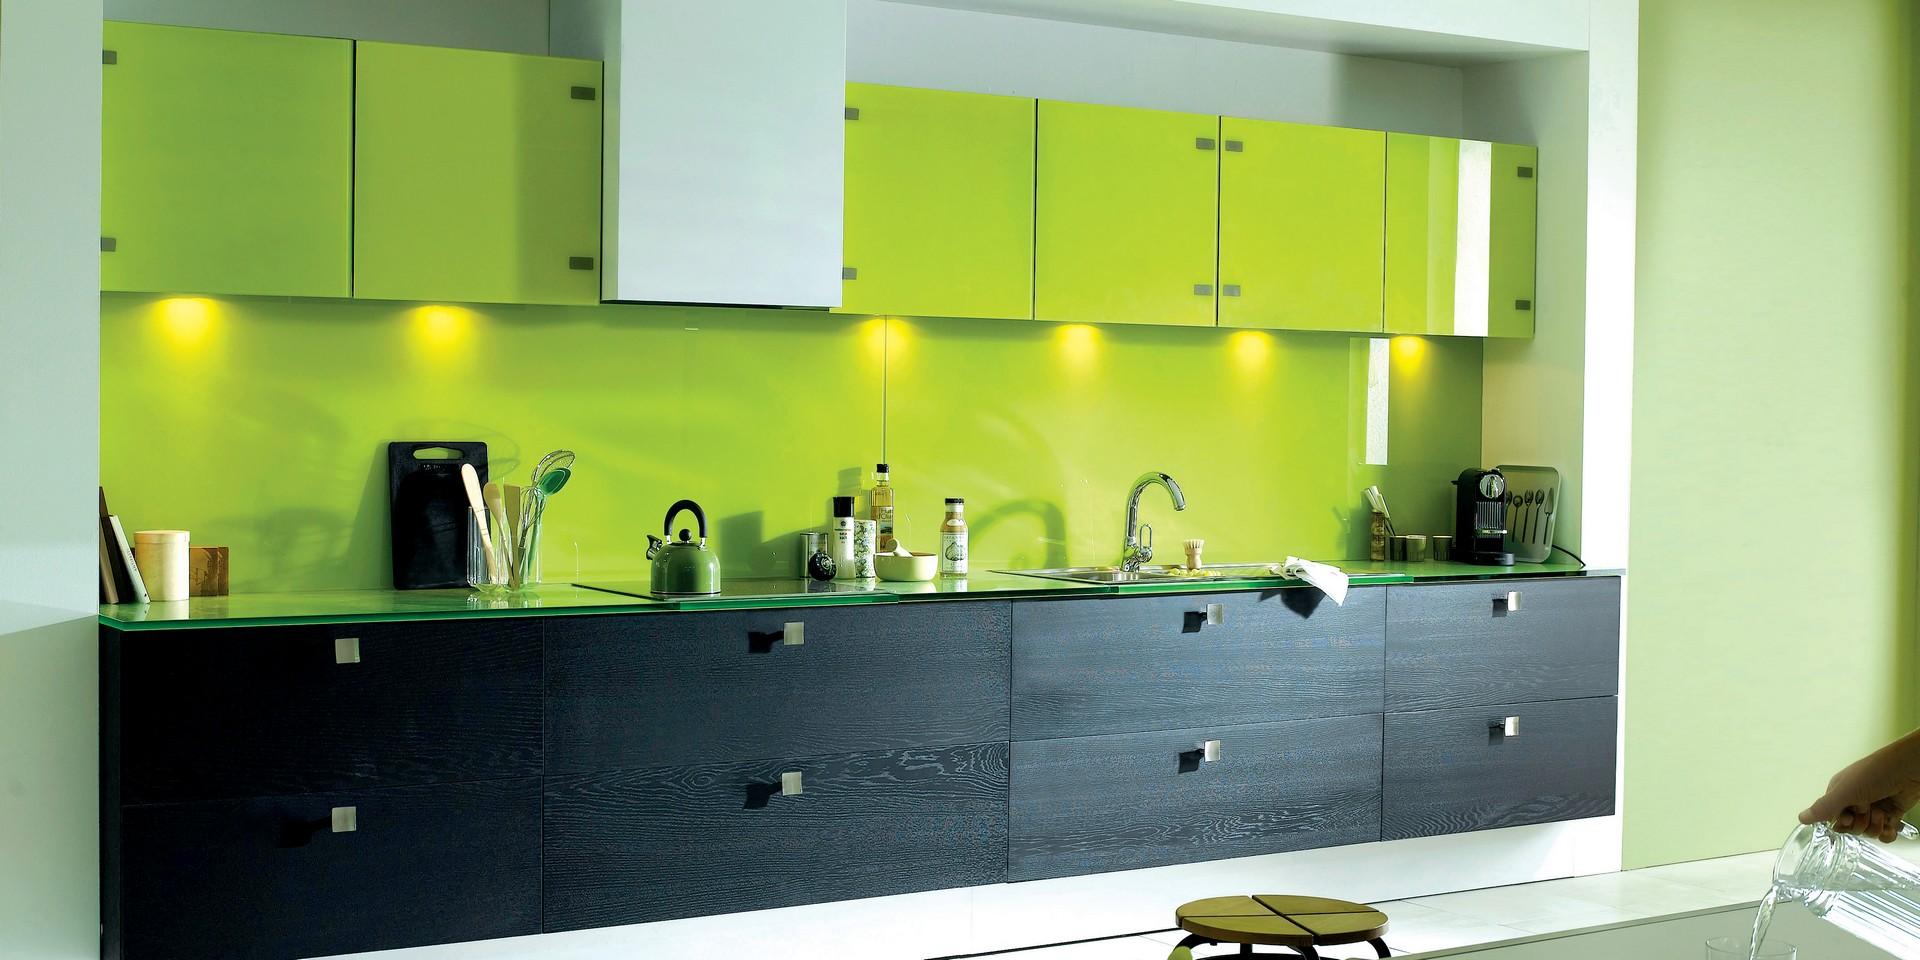 Votre cuisine équipée - moderne, contemporaine, design, classique ...